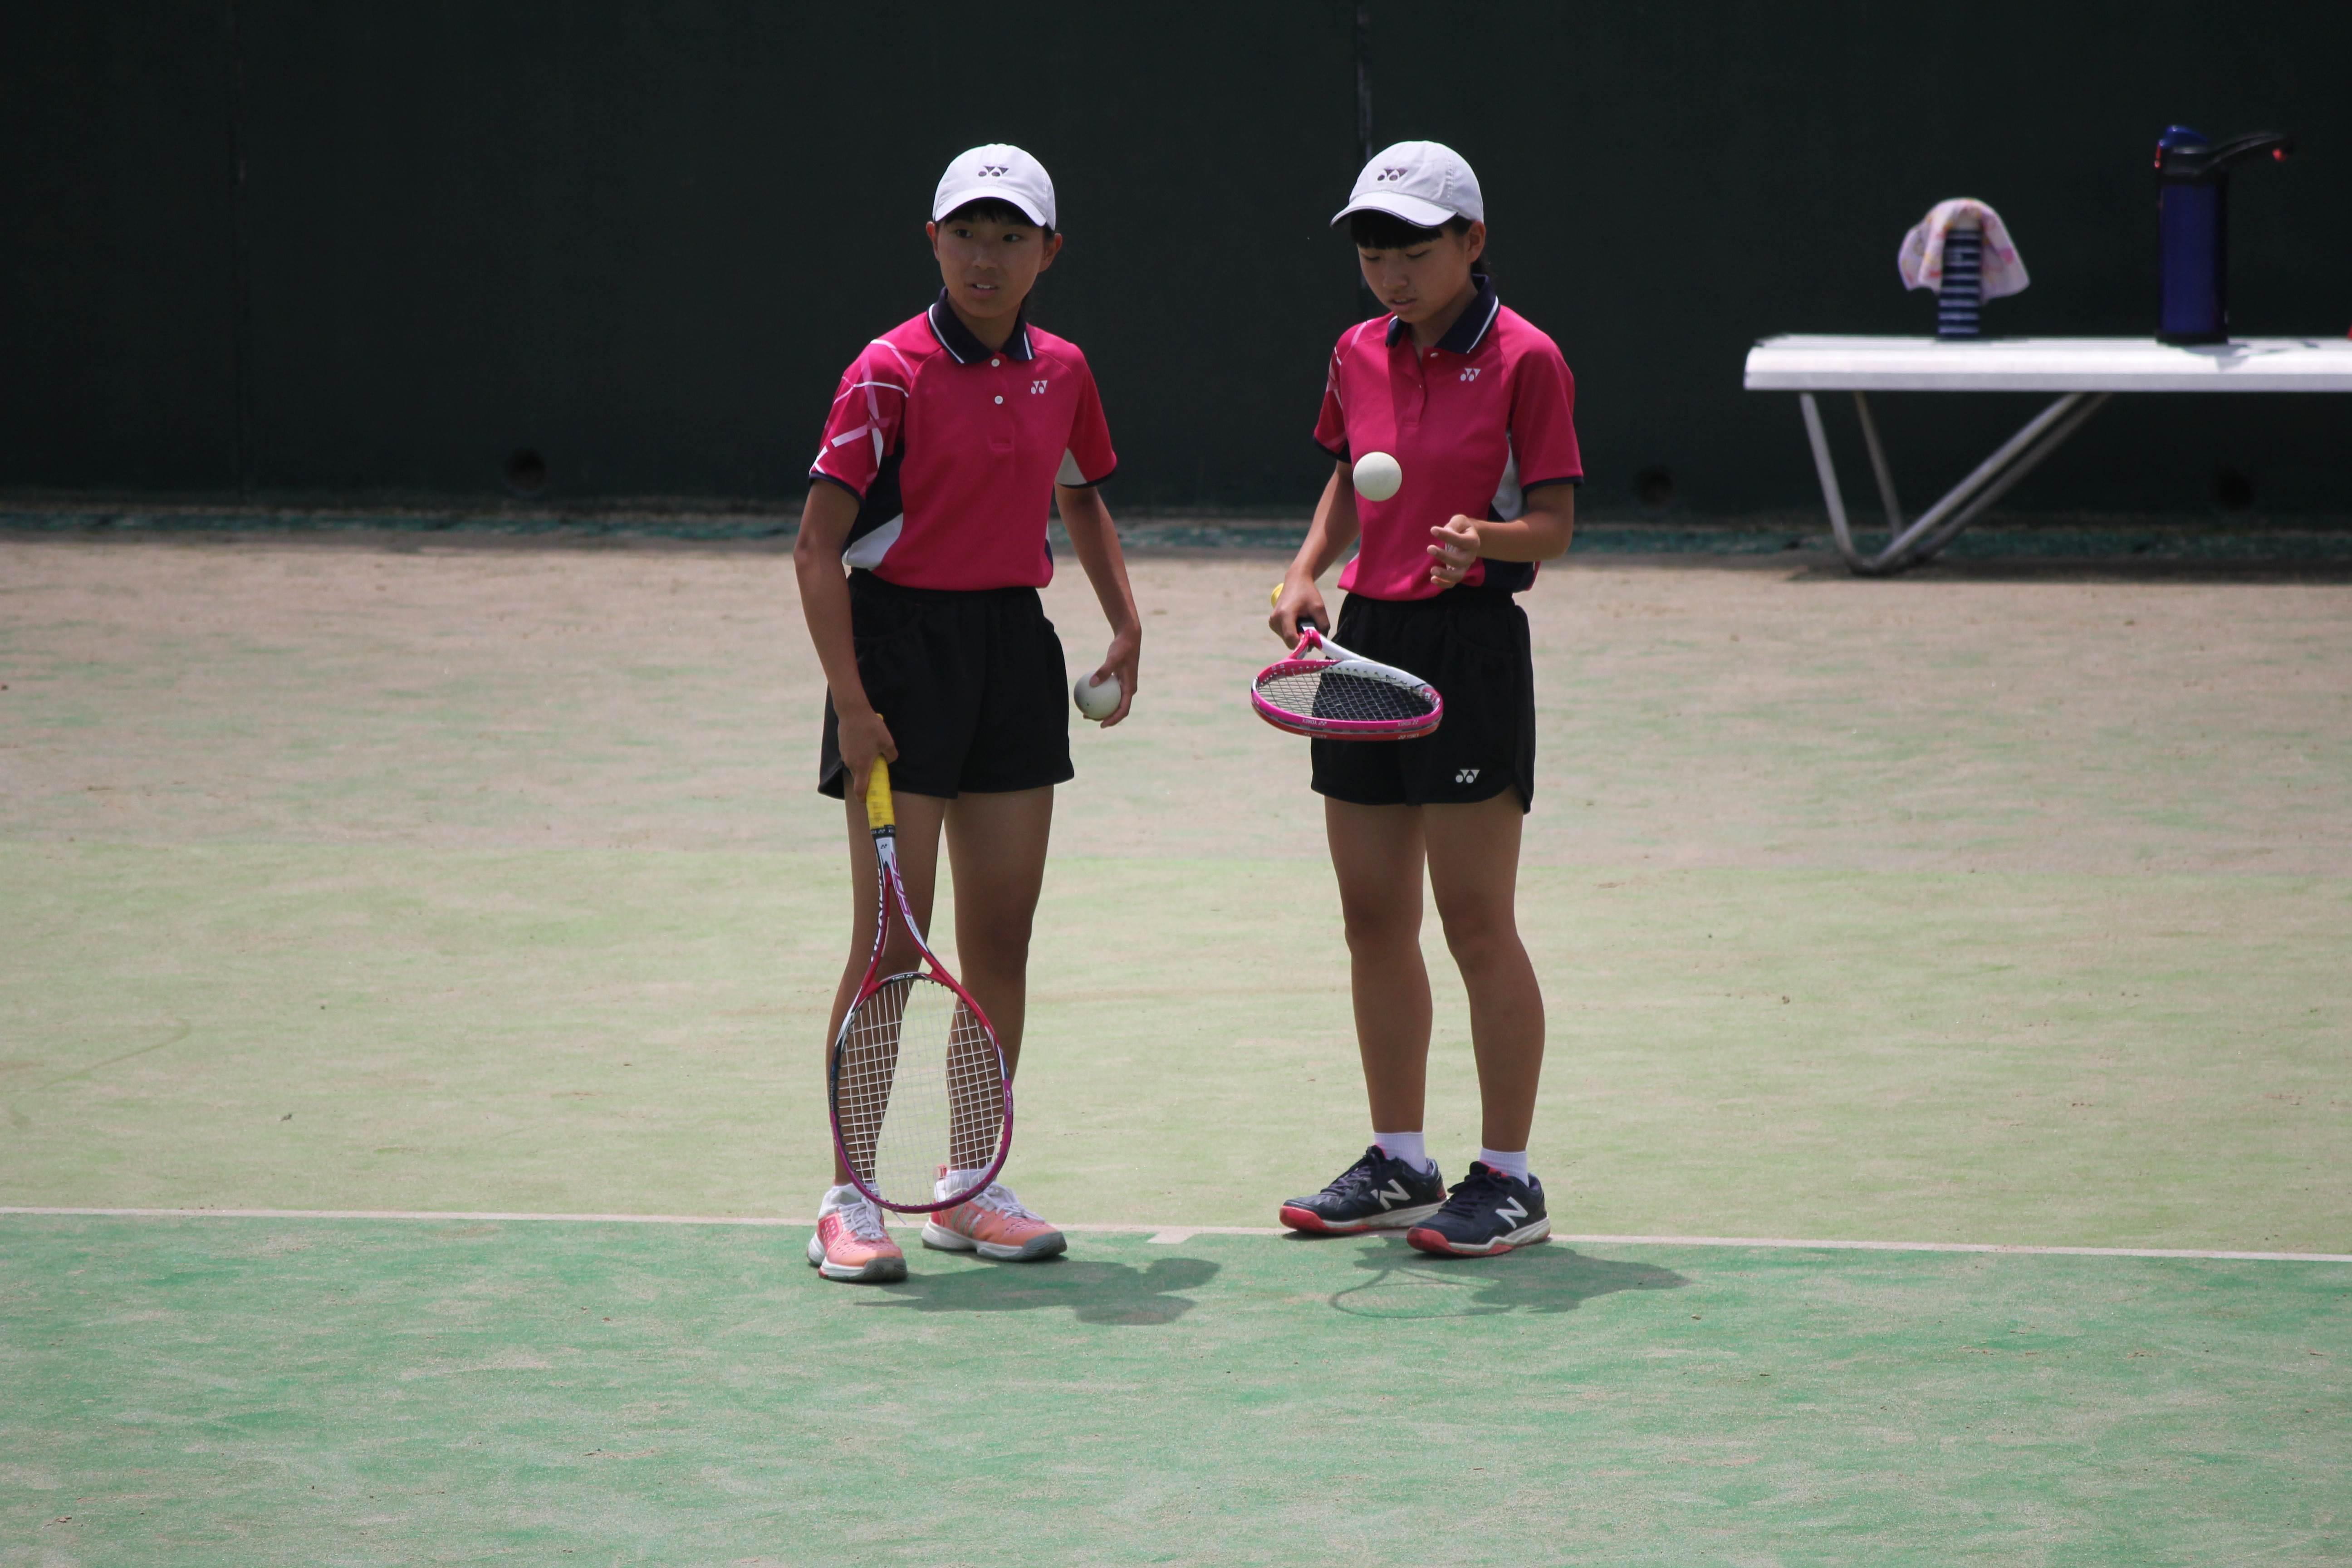 ソフトテニス (68)